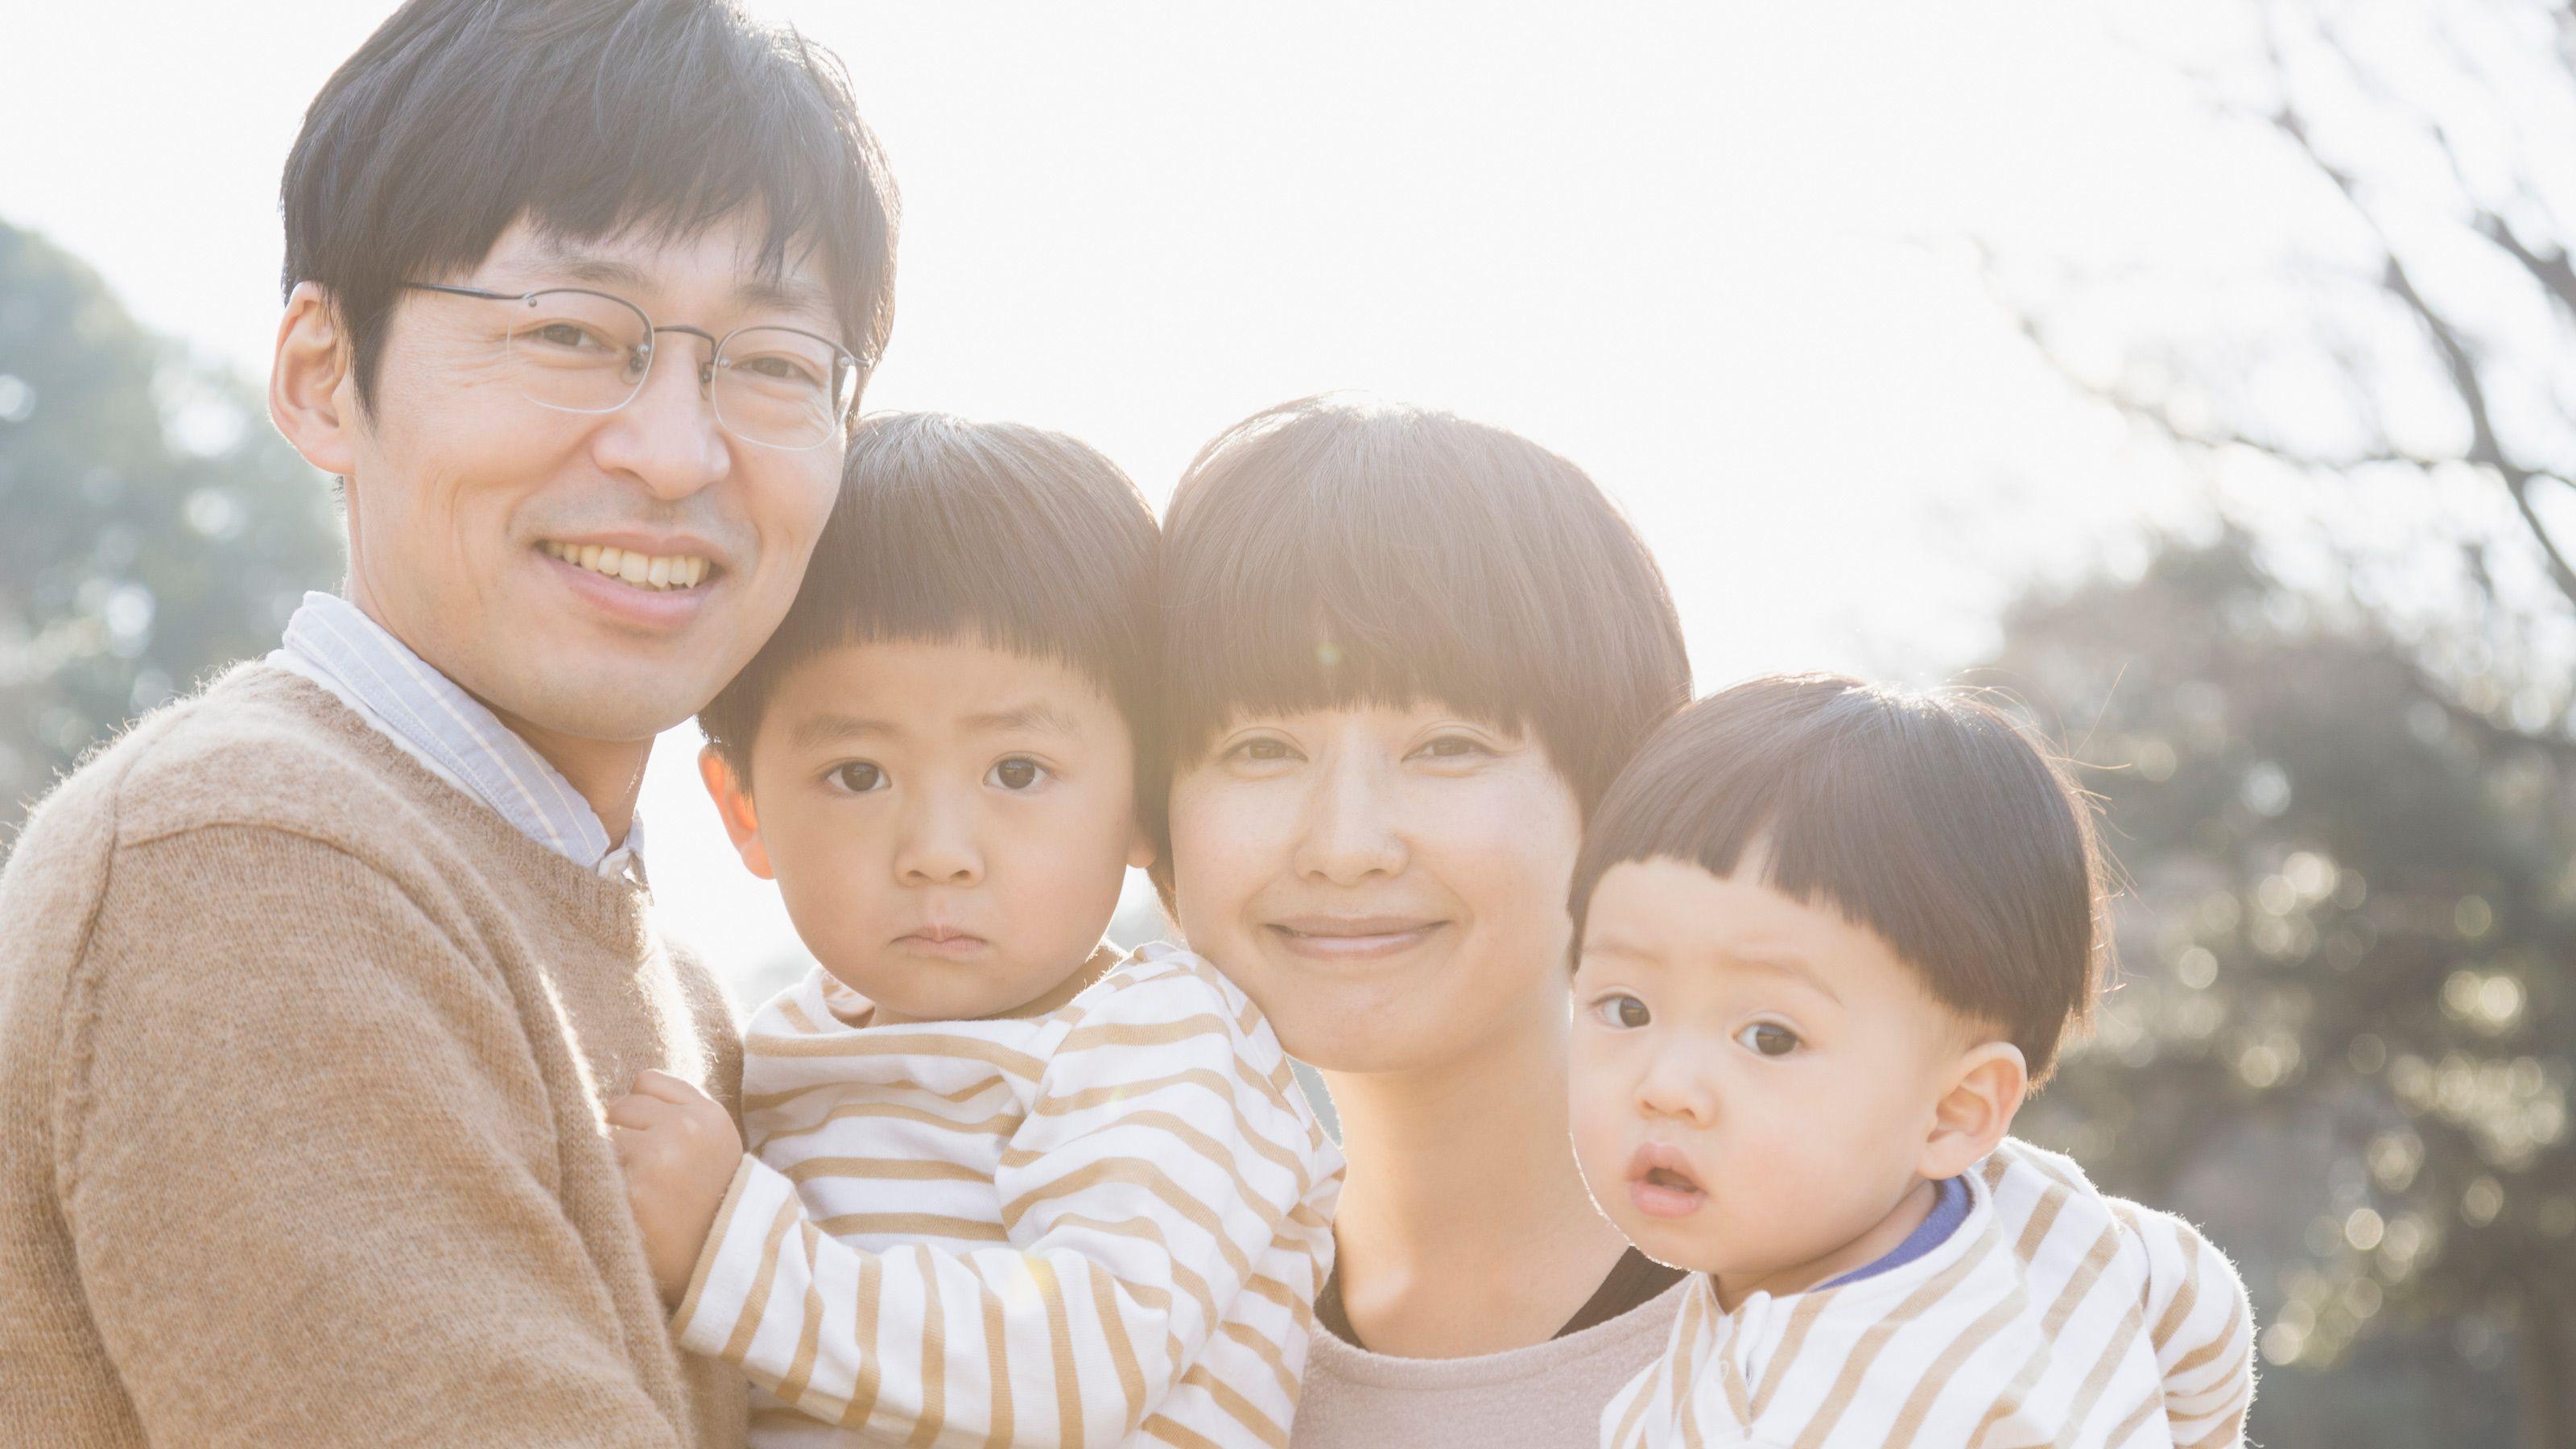 子供が3歳まで母親は家にいたほうがいい」は大間違いだった 「愛情を注ぐ ...